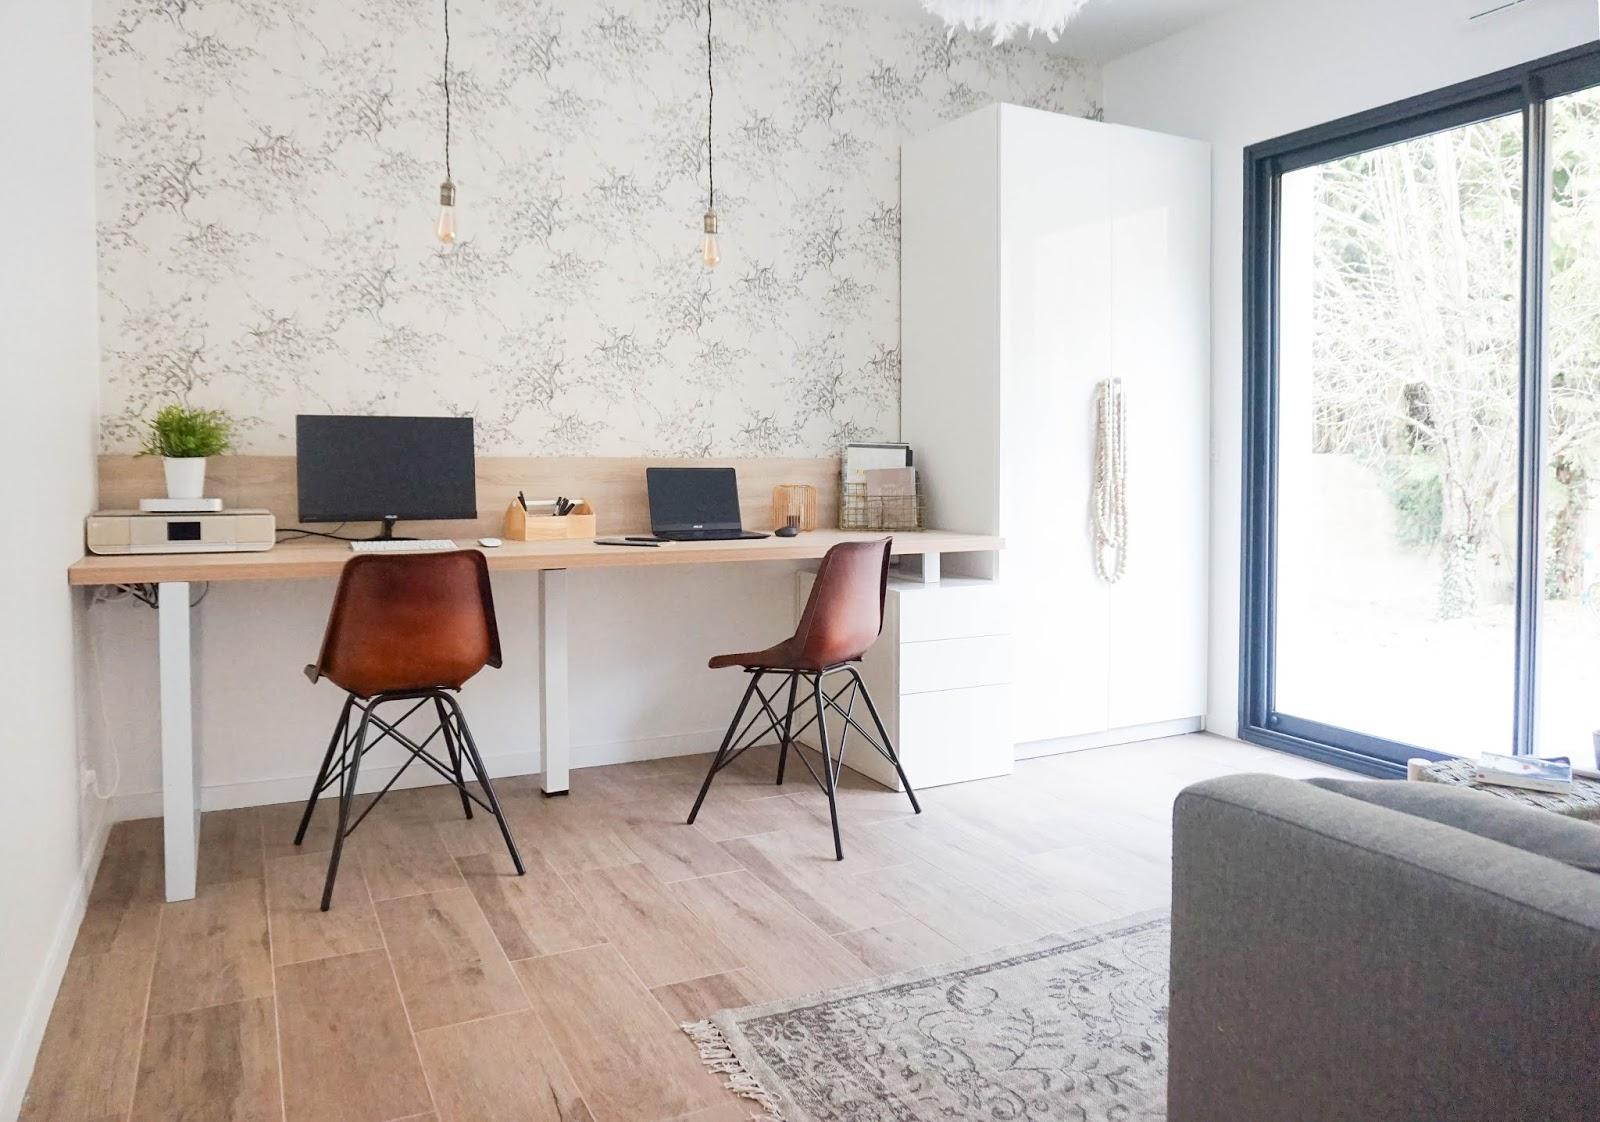 Deco Chambre Ami Bureau adc l'atelier d'à côté : aménagement intérieur, design d